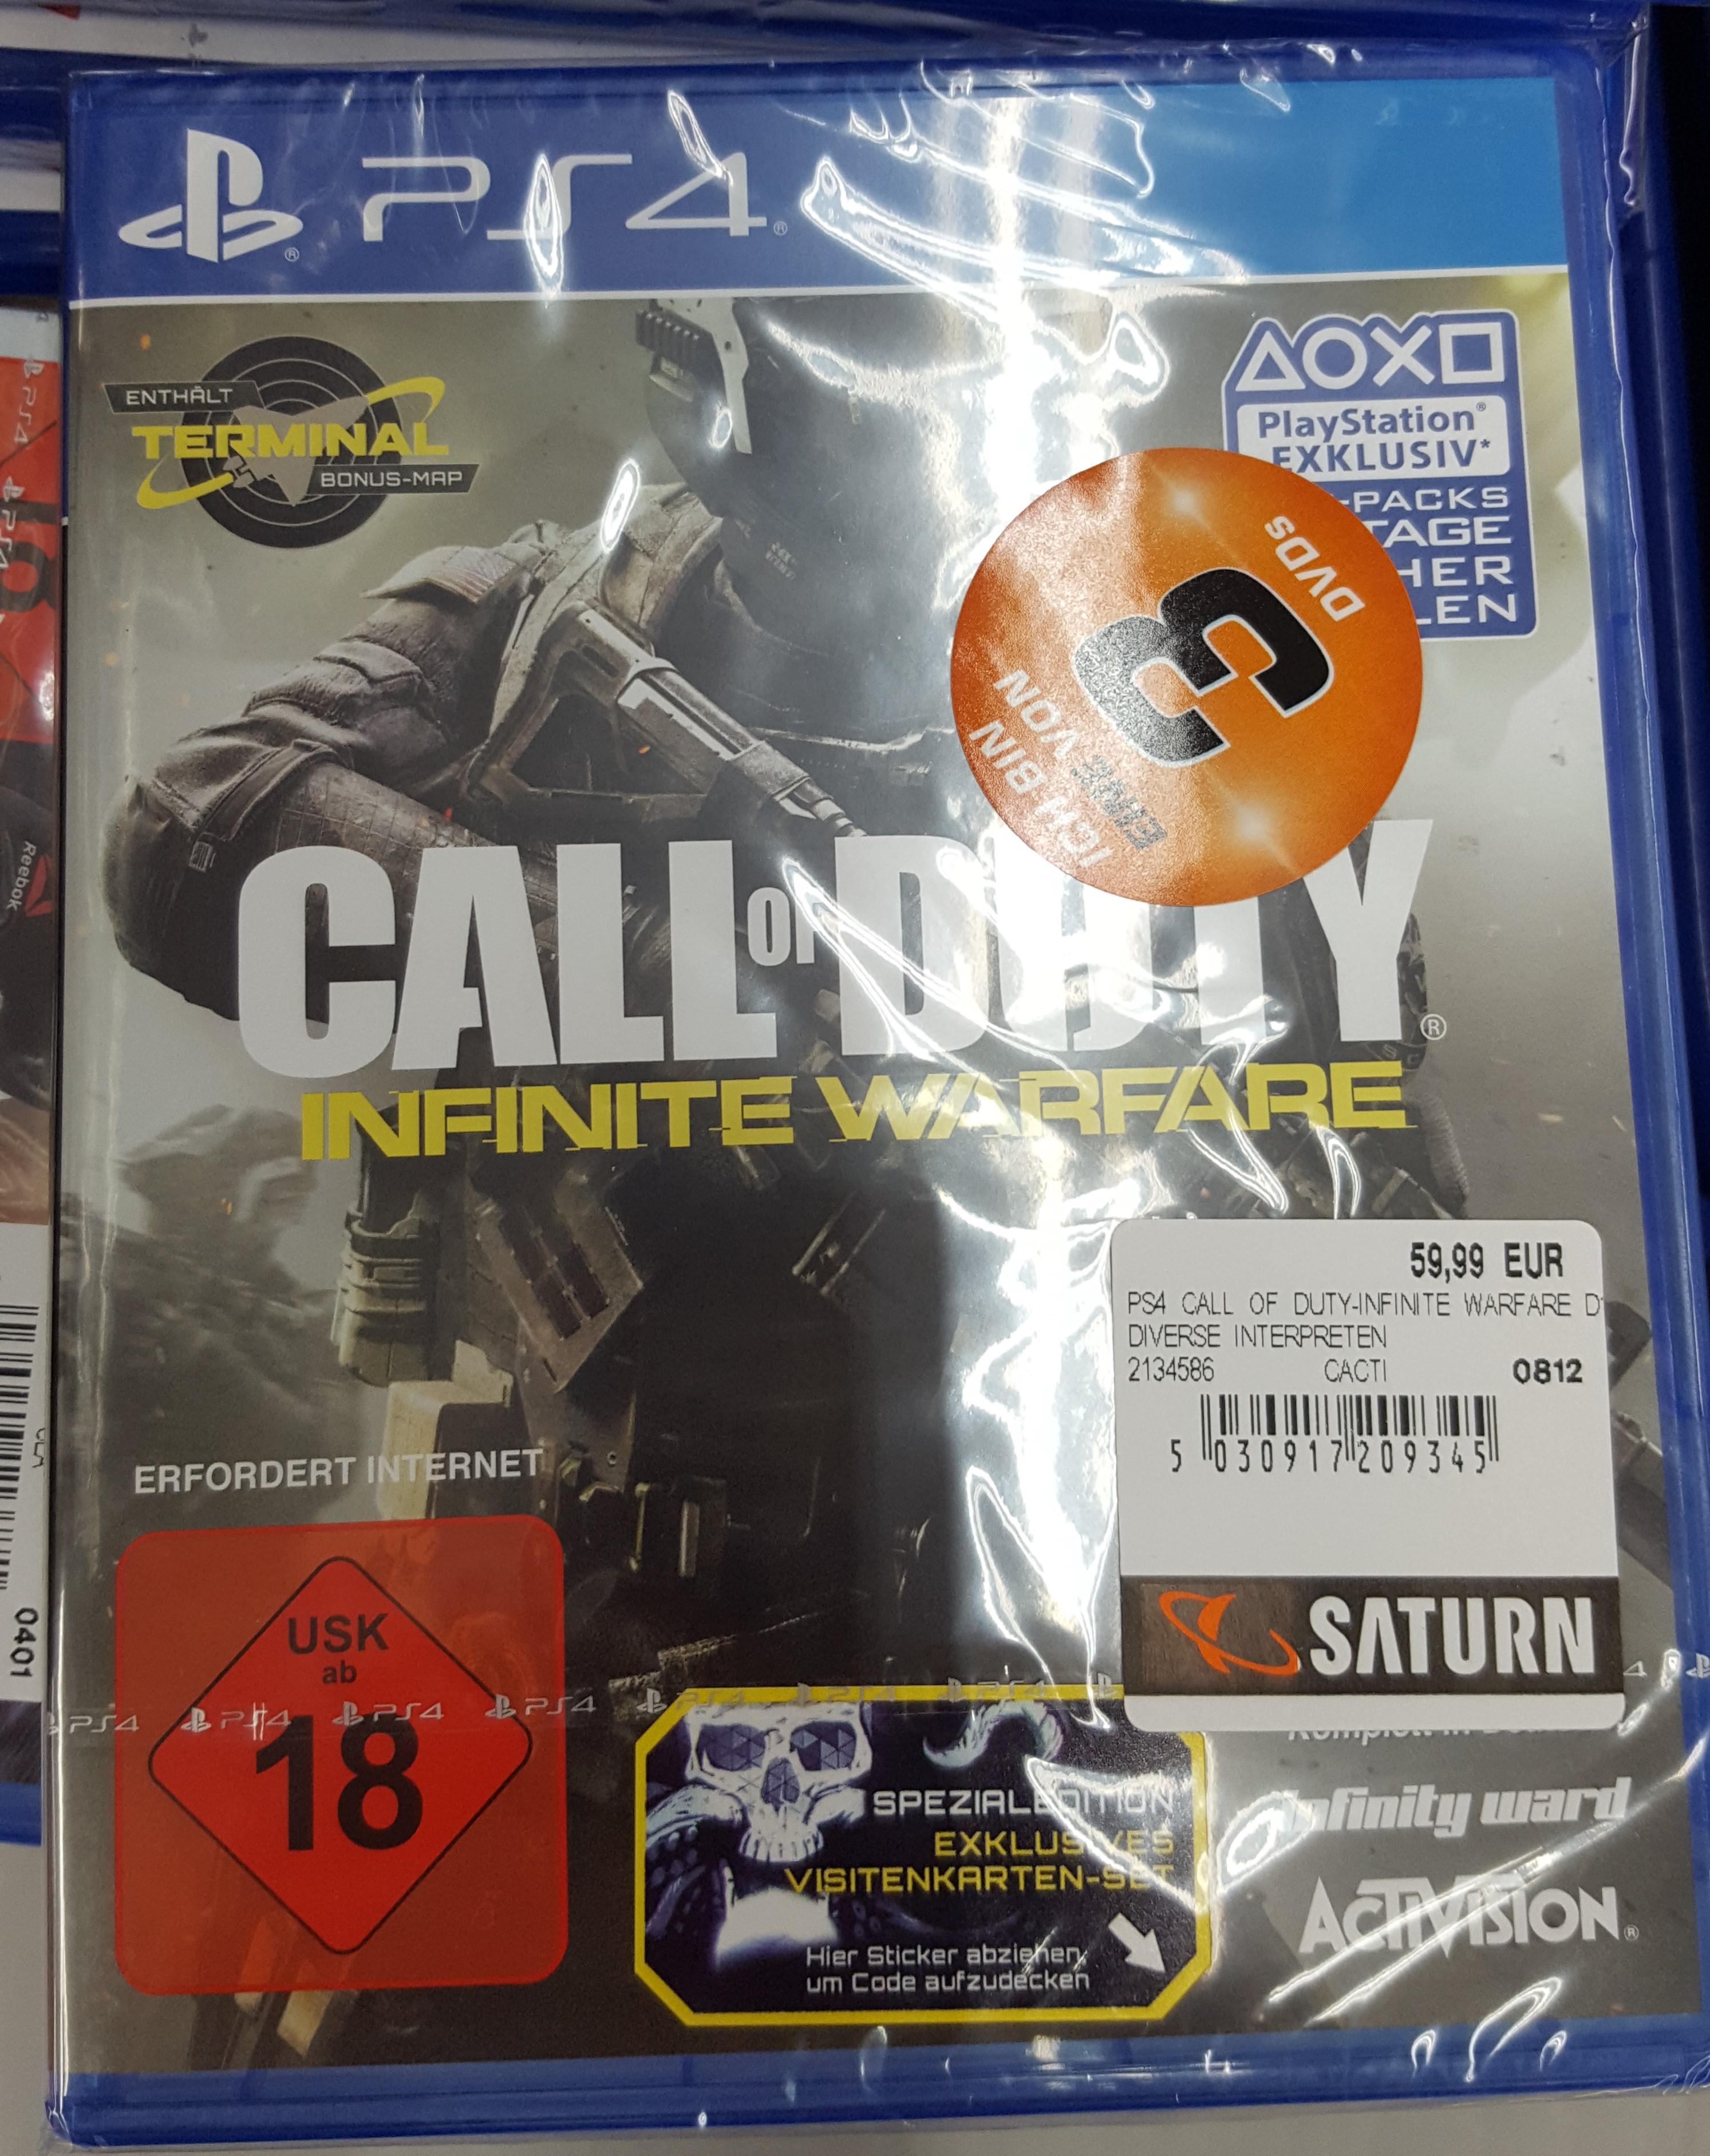 """[Saturn Leverkusen] Call of Duty Infinite Warfare (PS4) Teil der Aktion """"3 für 55€"""", rechnerisch 18,33€ pro Spiel"""